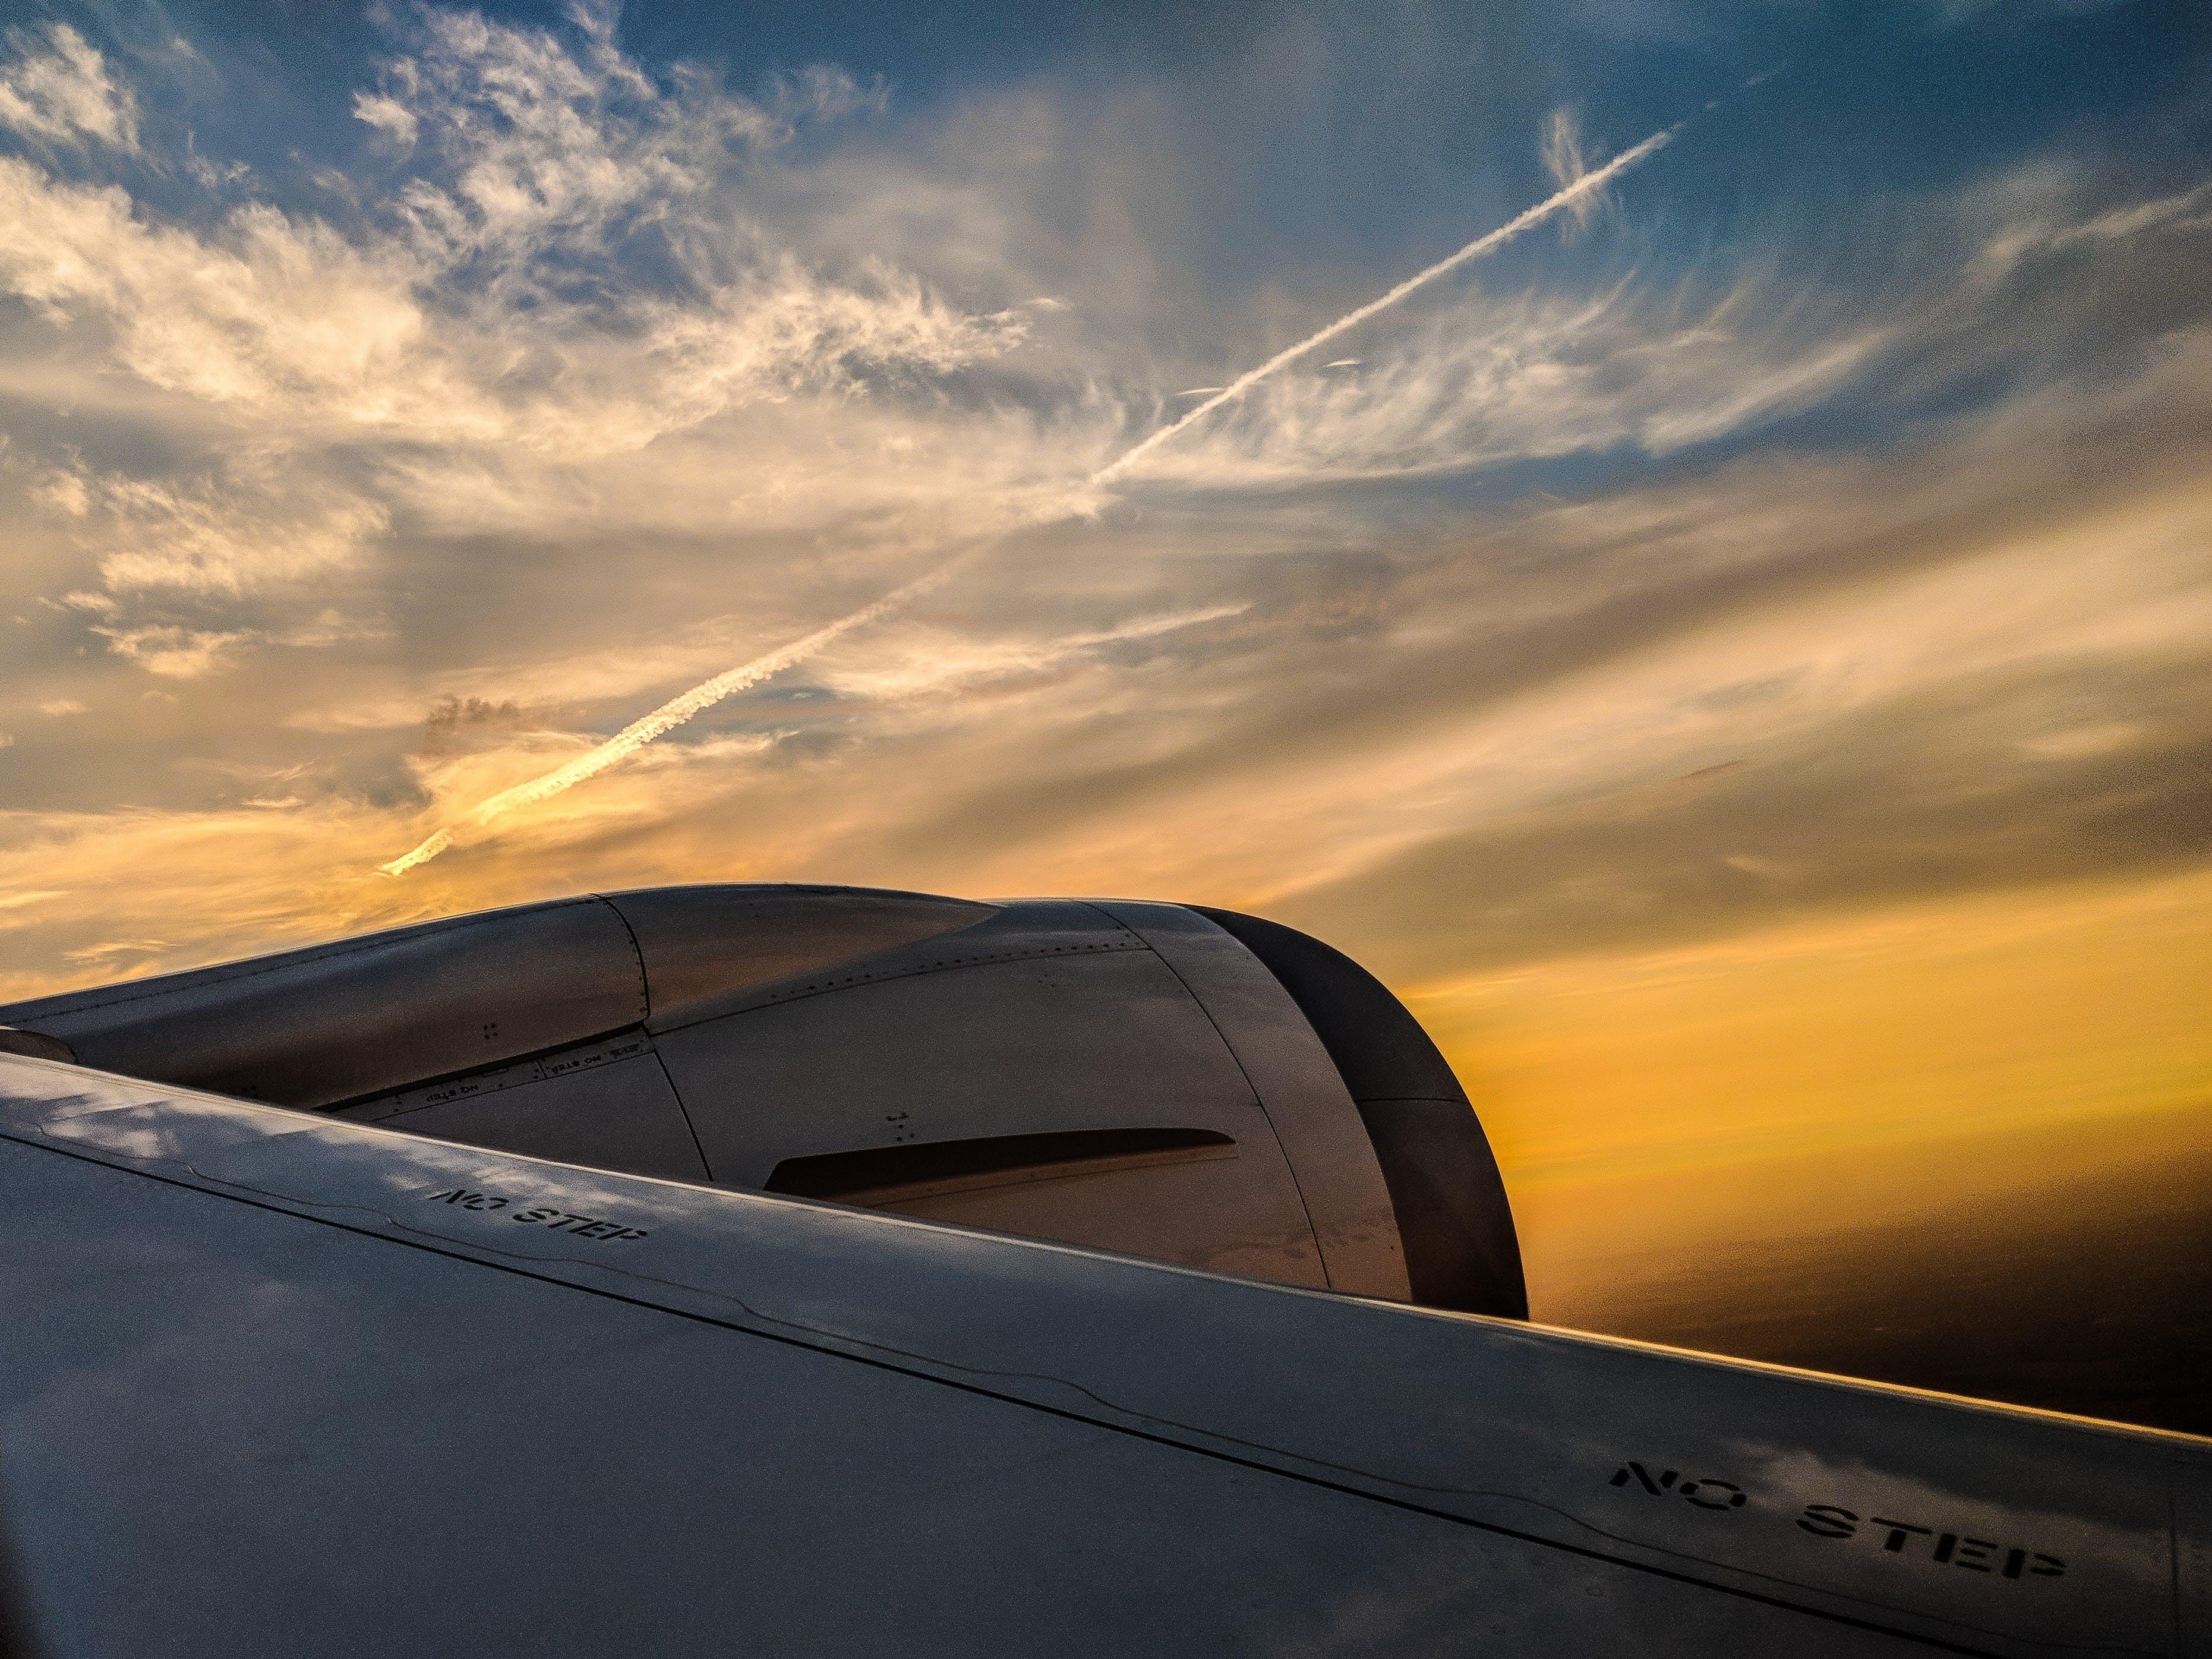 White Airliner in Flight Against Sky